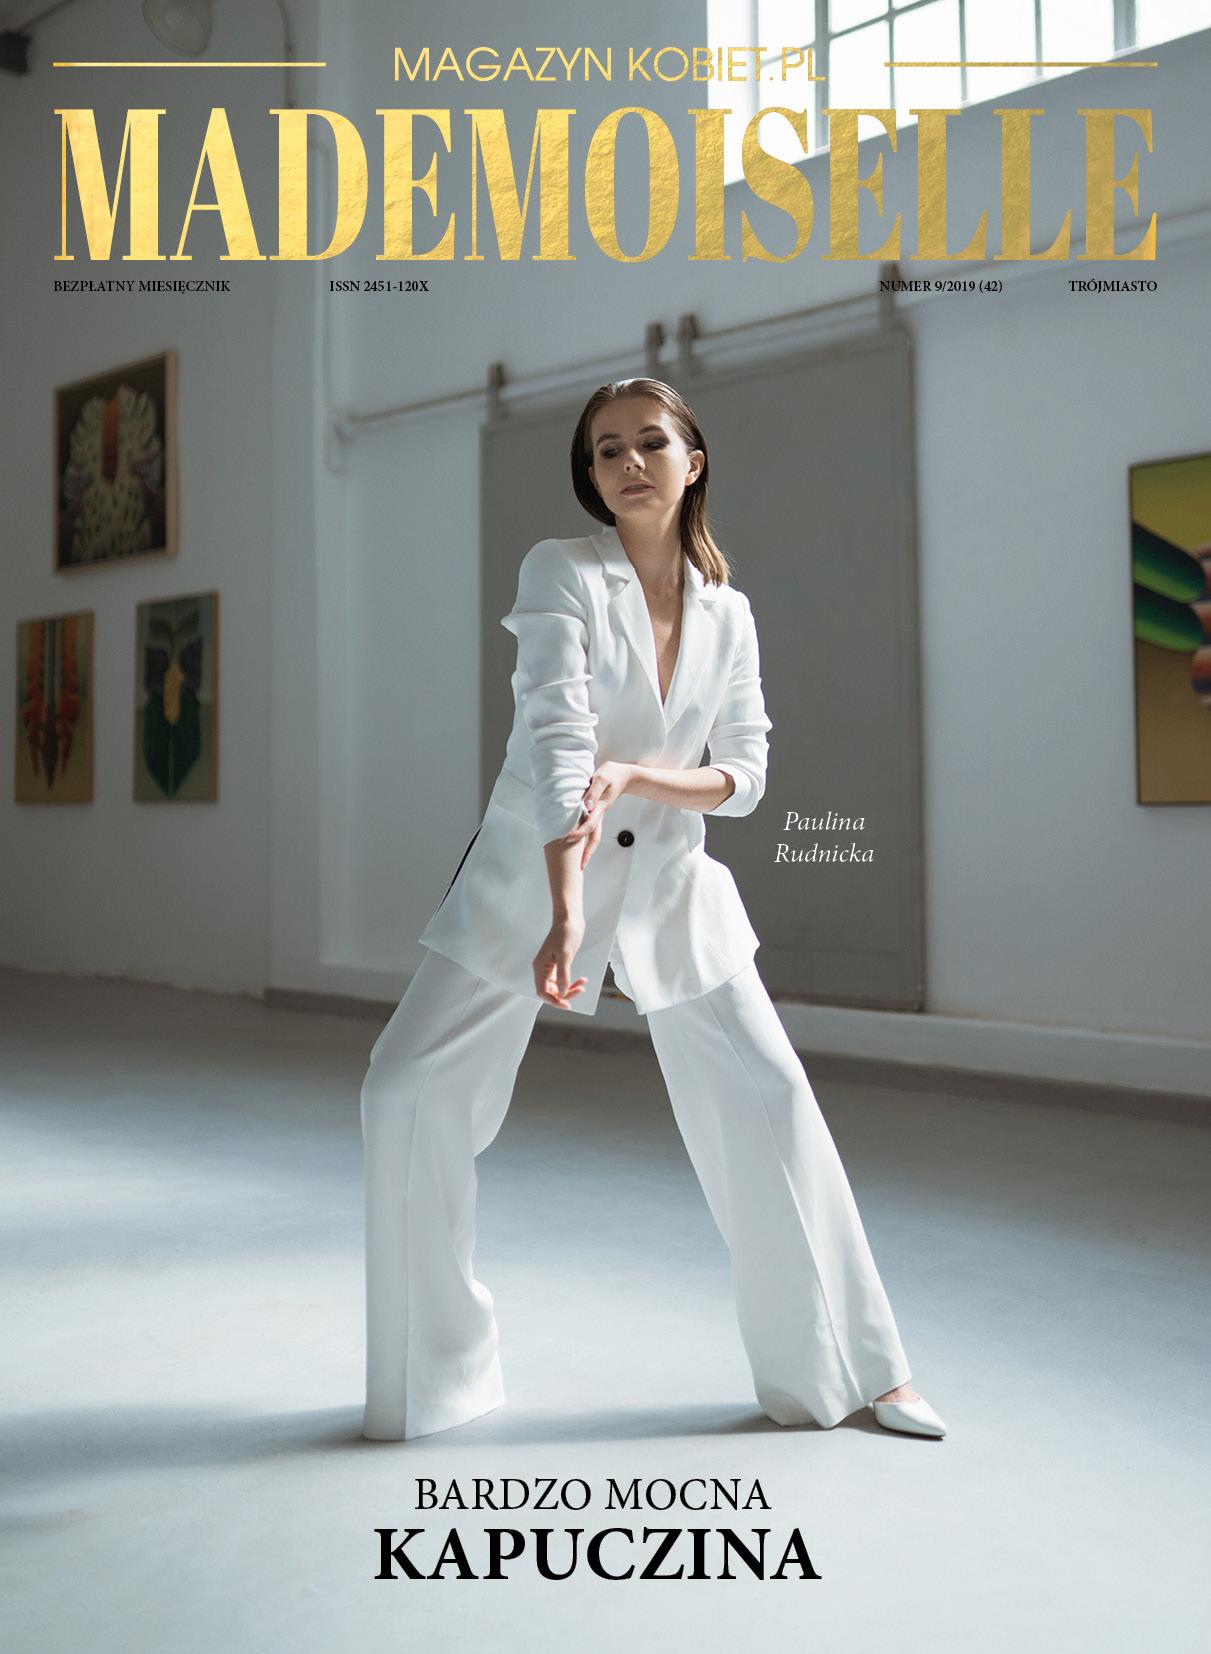 magazynkobiet.pl - MADEMOISELLE 2019.09 42 - Archiwum czasopism